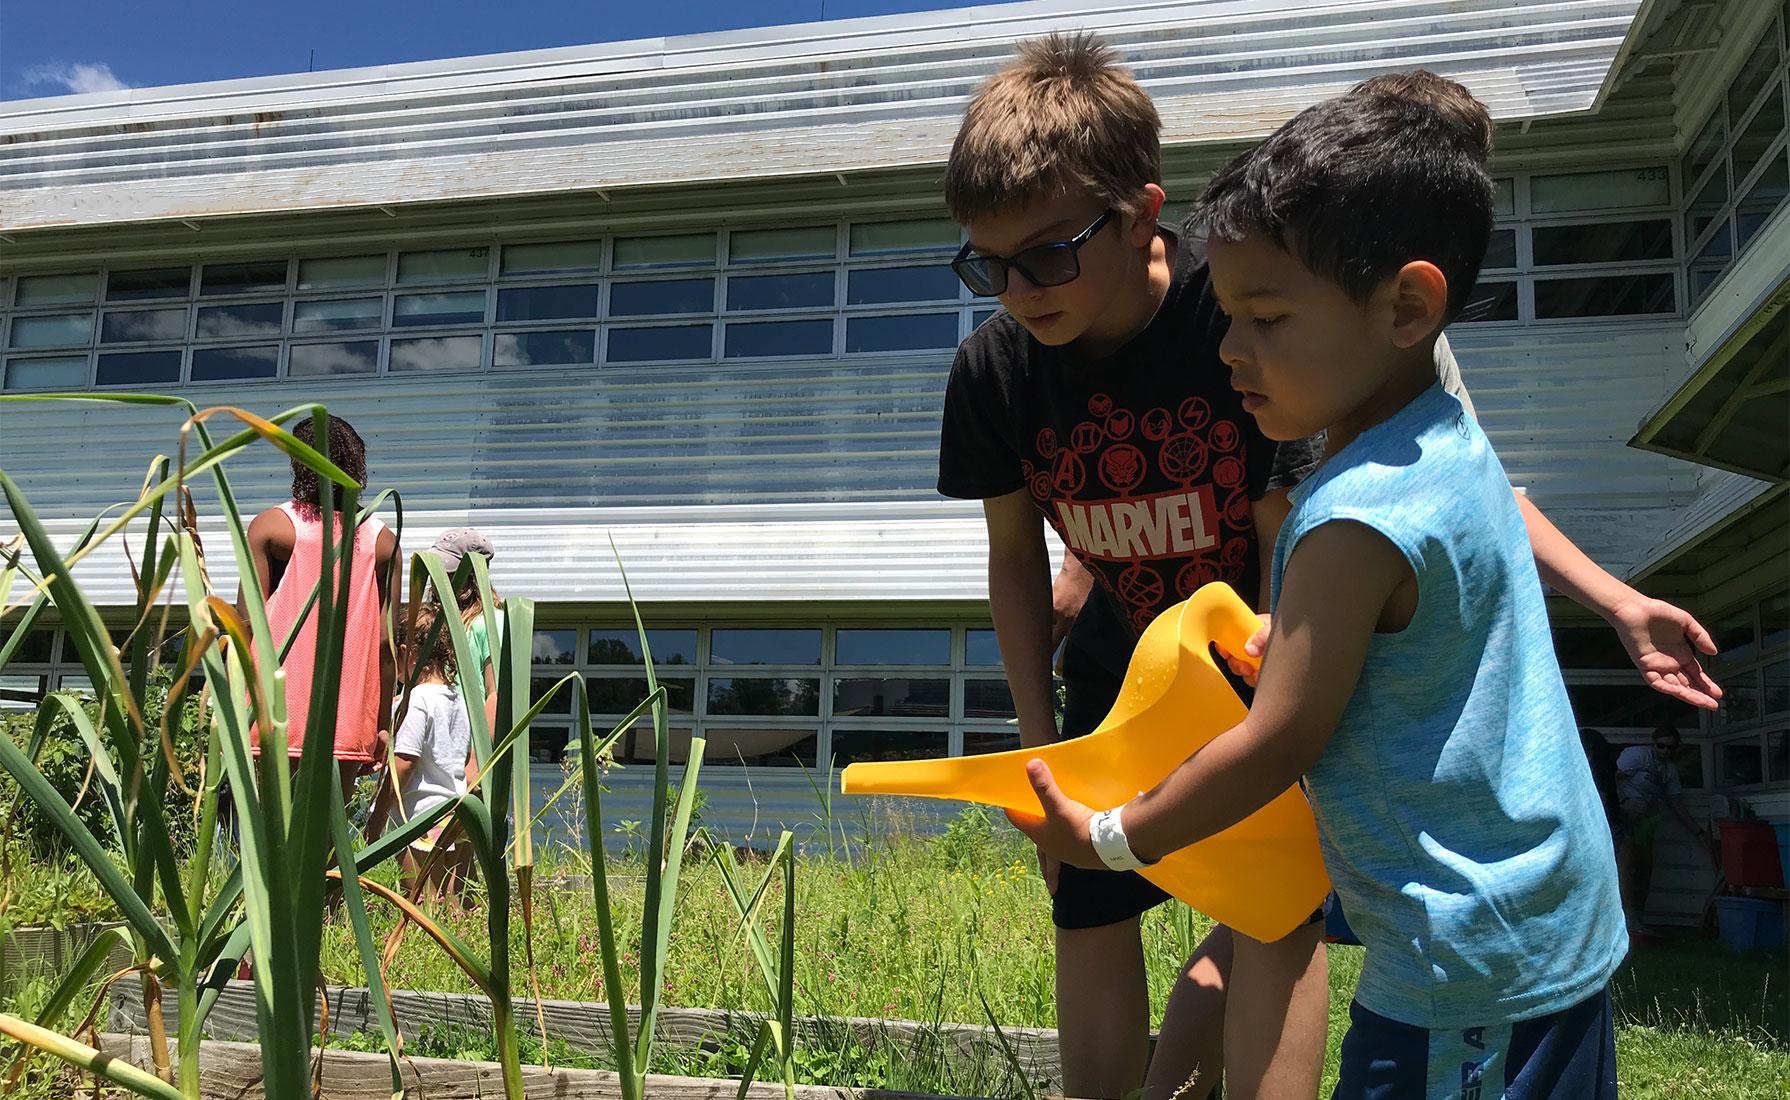 A boy watering a garden